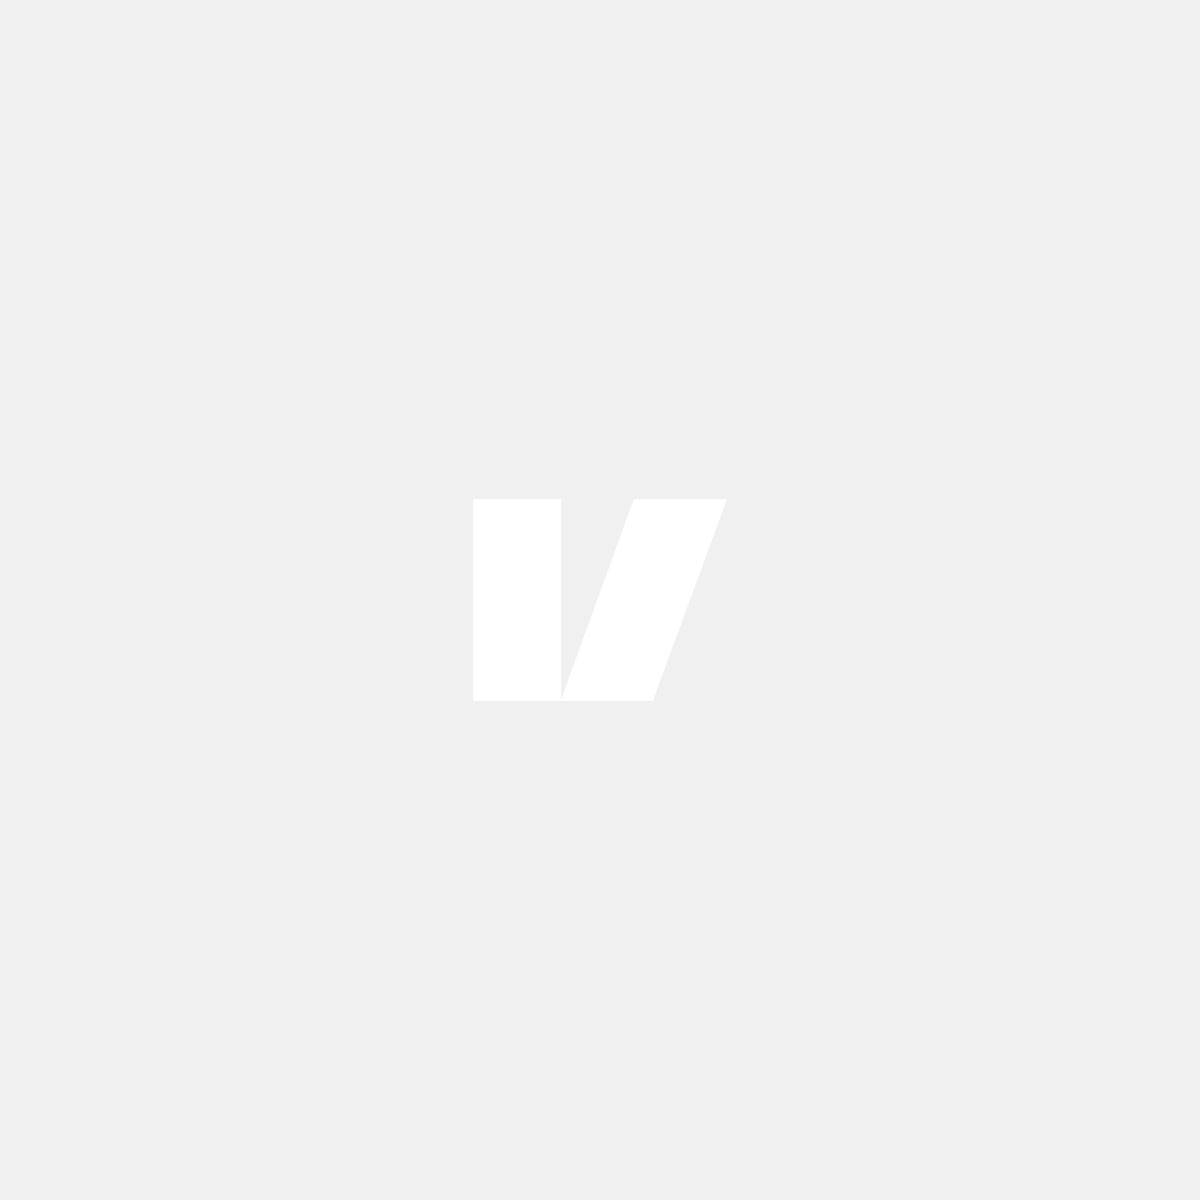 Torkarmotor vindruta till Volvo 140, 164, 240